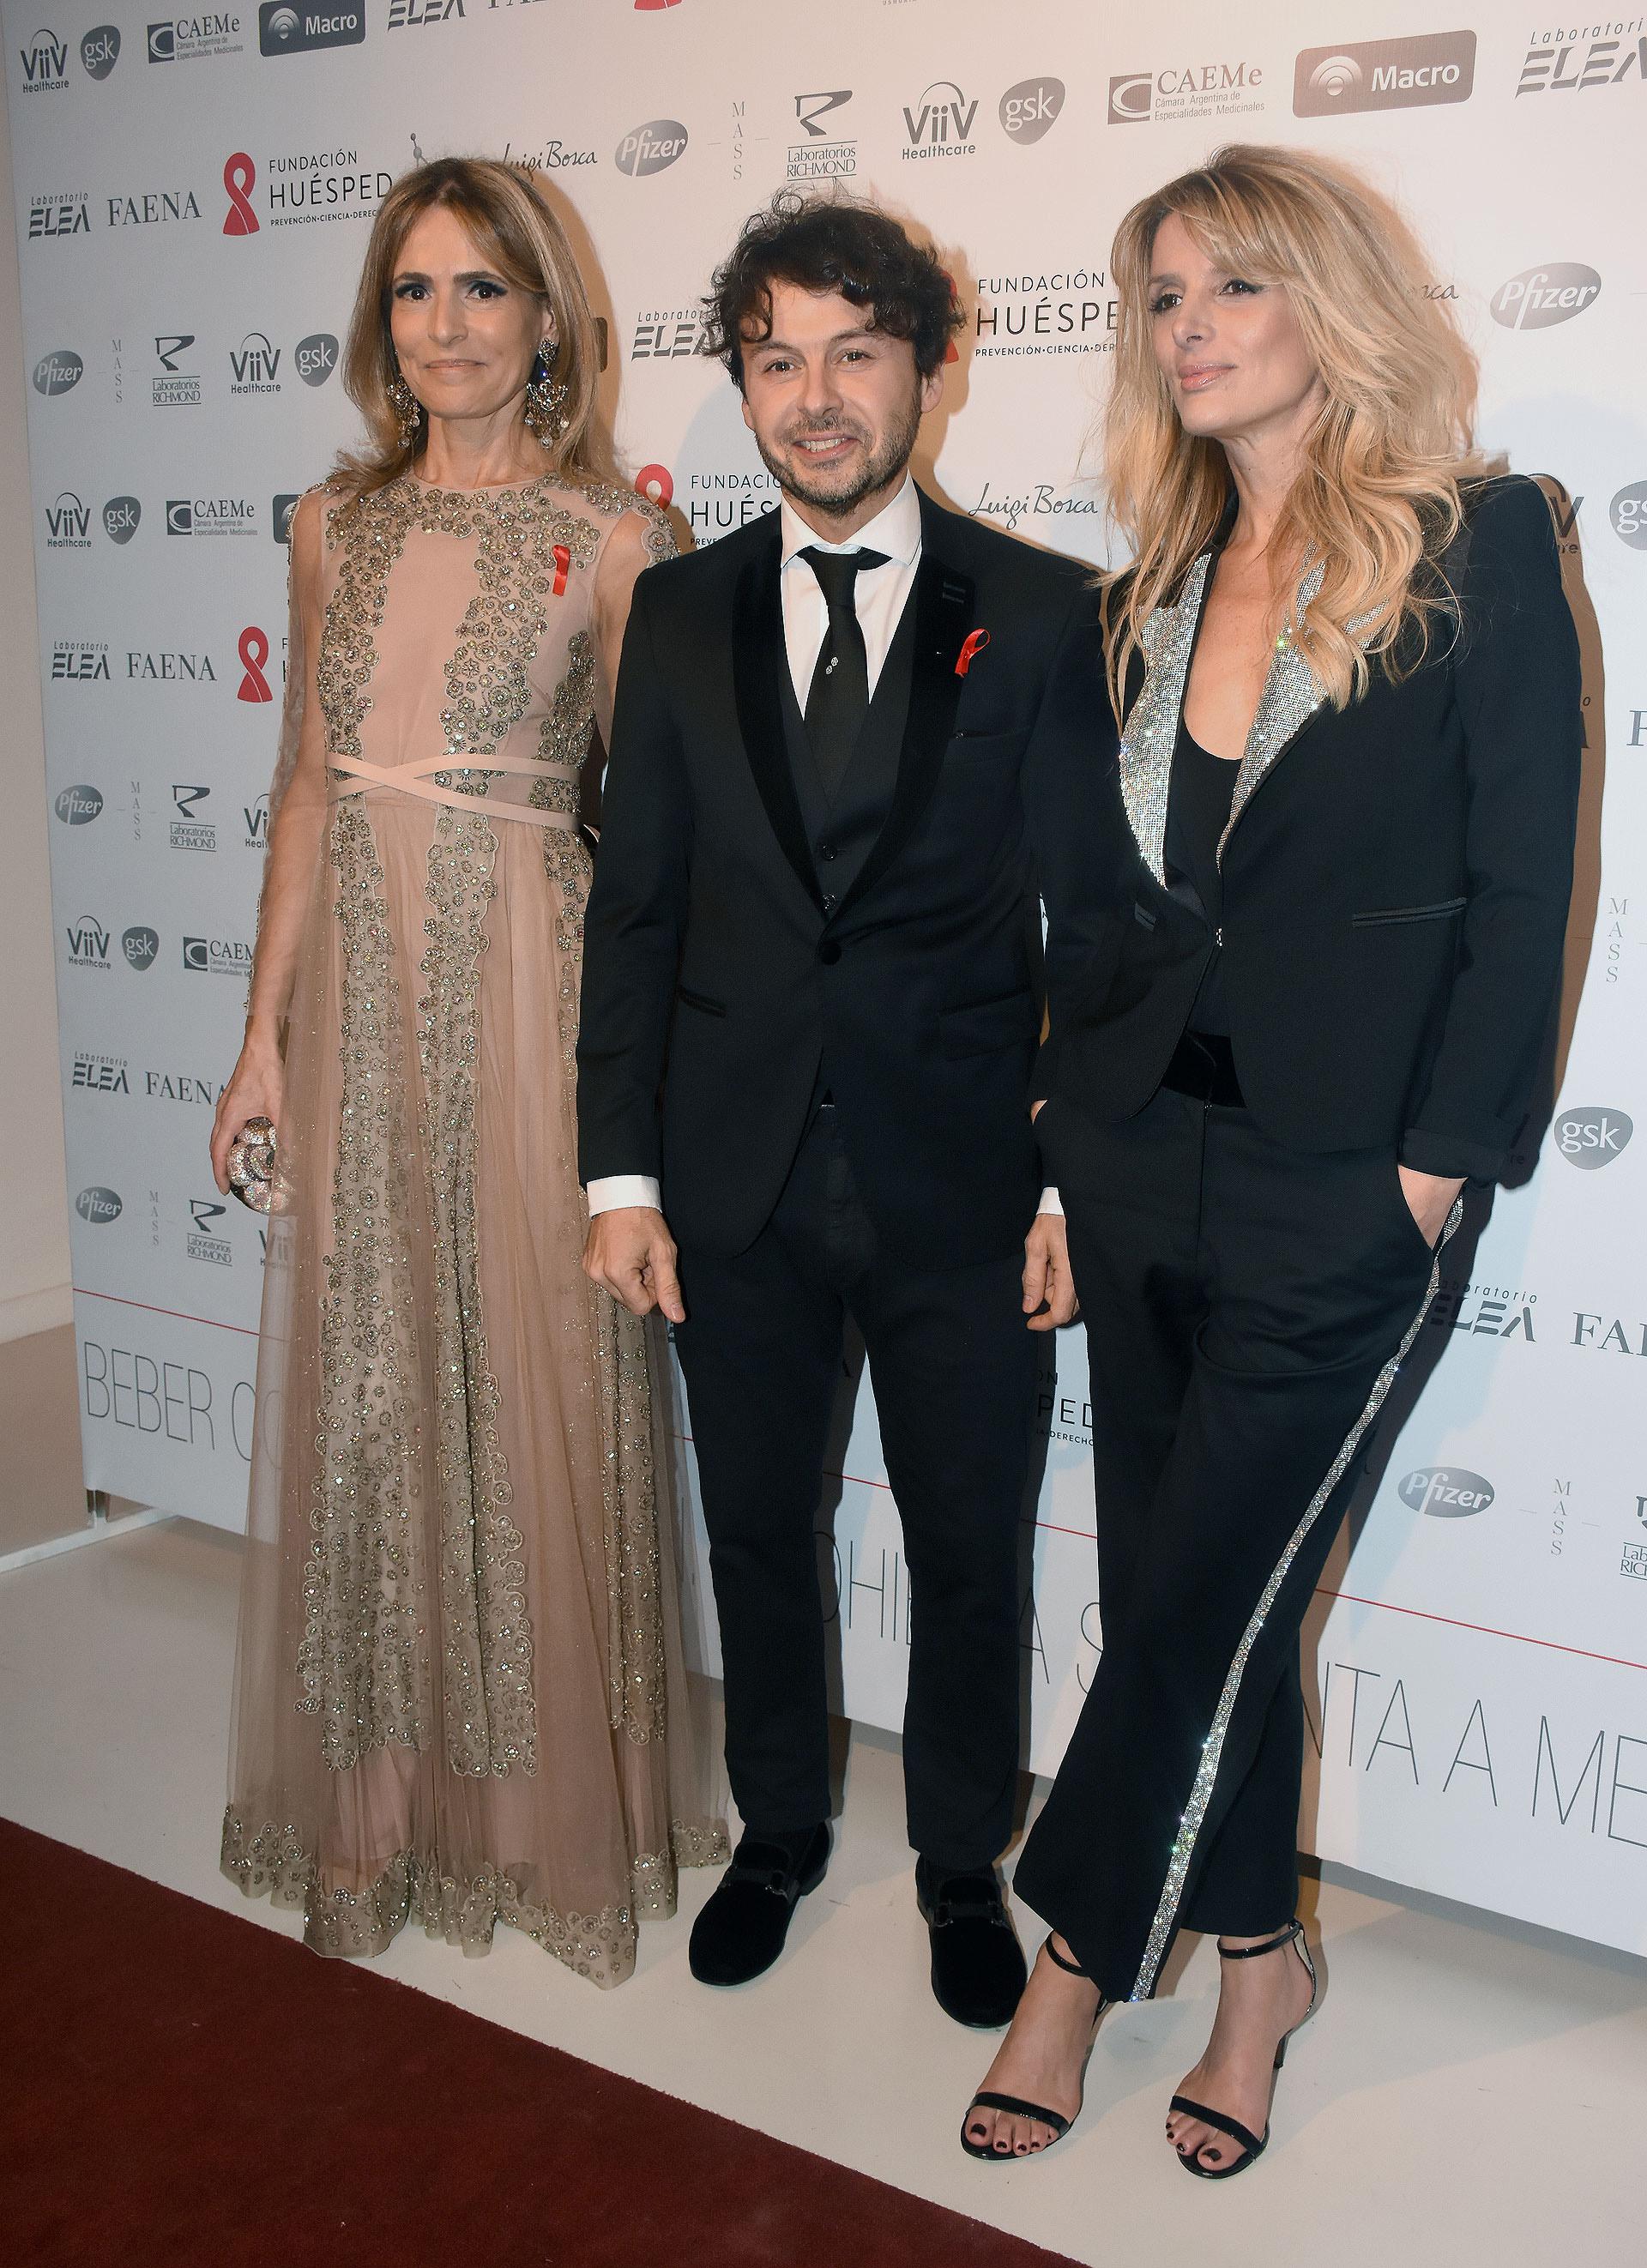 Rossella Della Giovampaola, Wally Diamante y Andrea Martínez